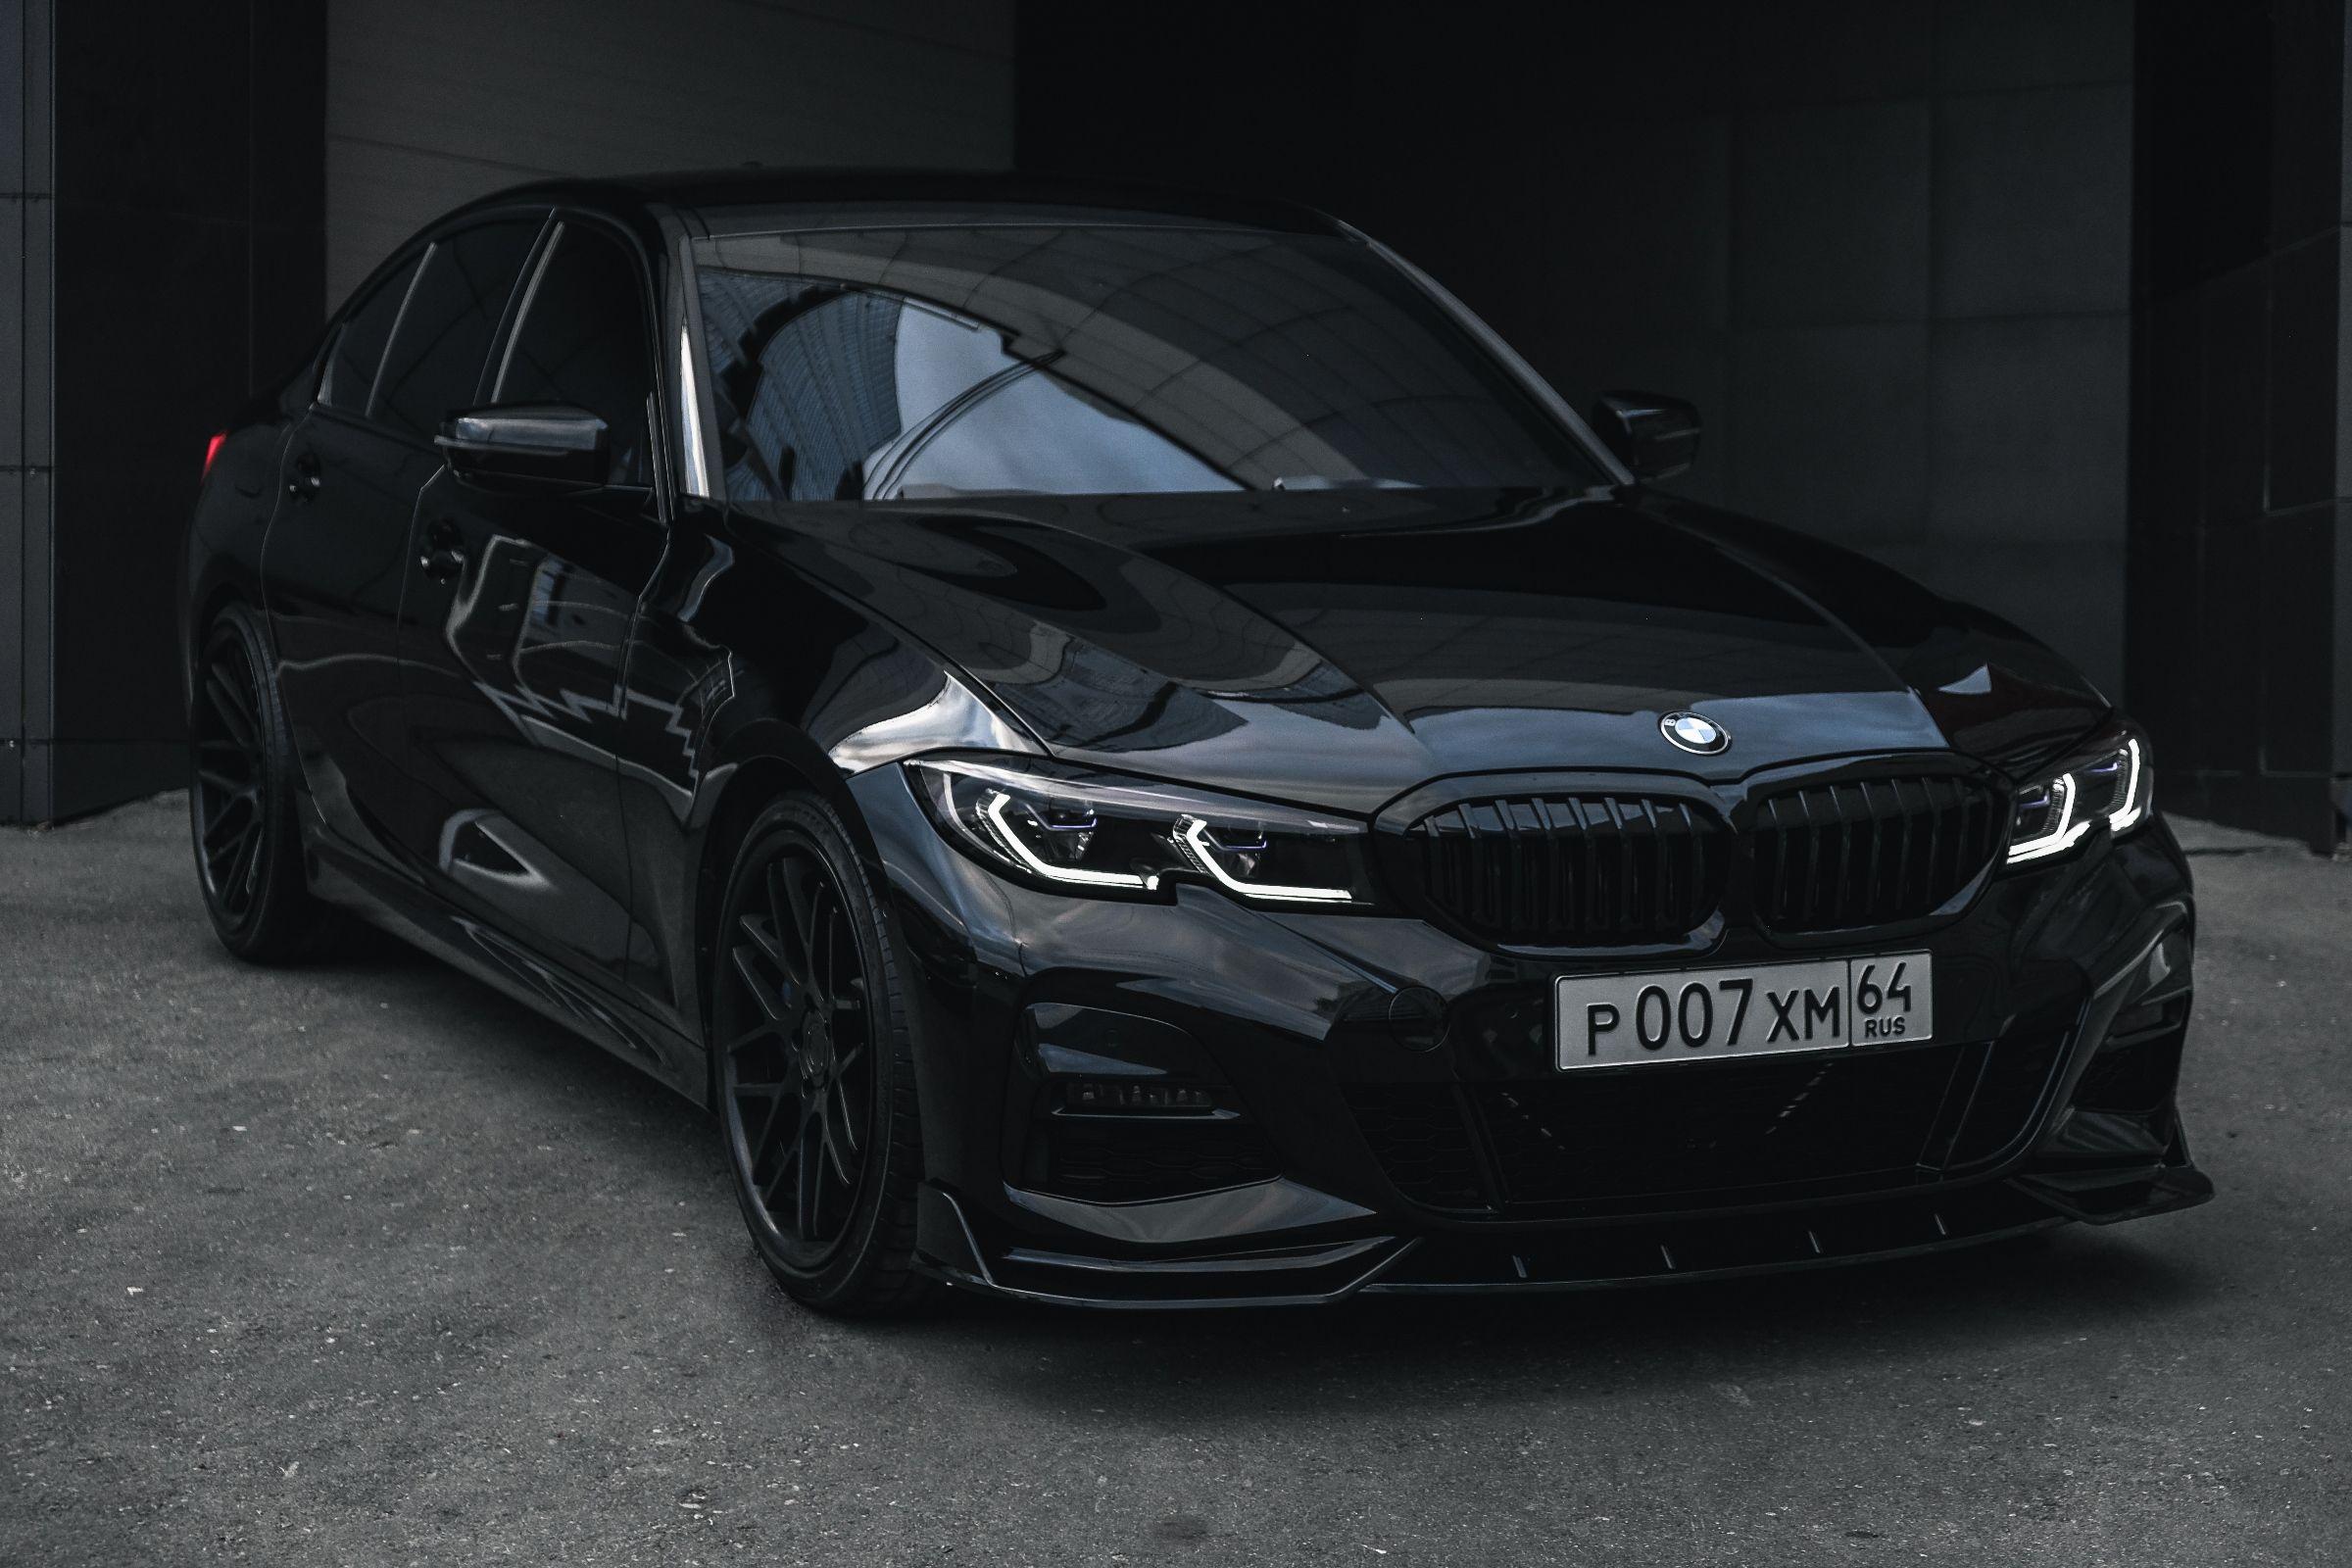 BMW G20 Wallpaper